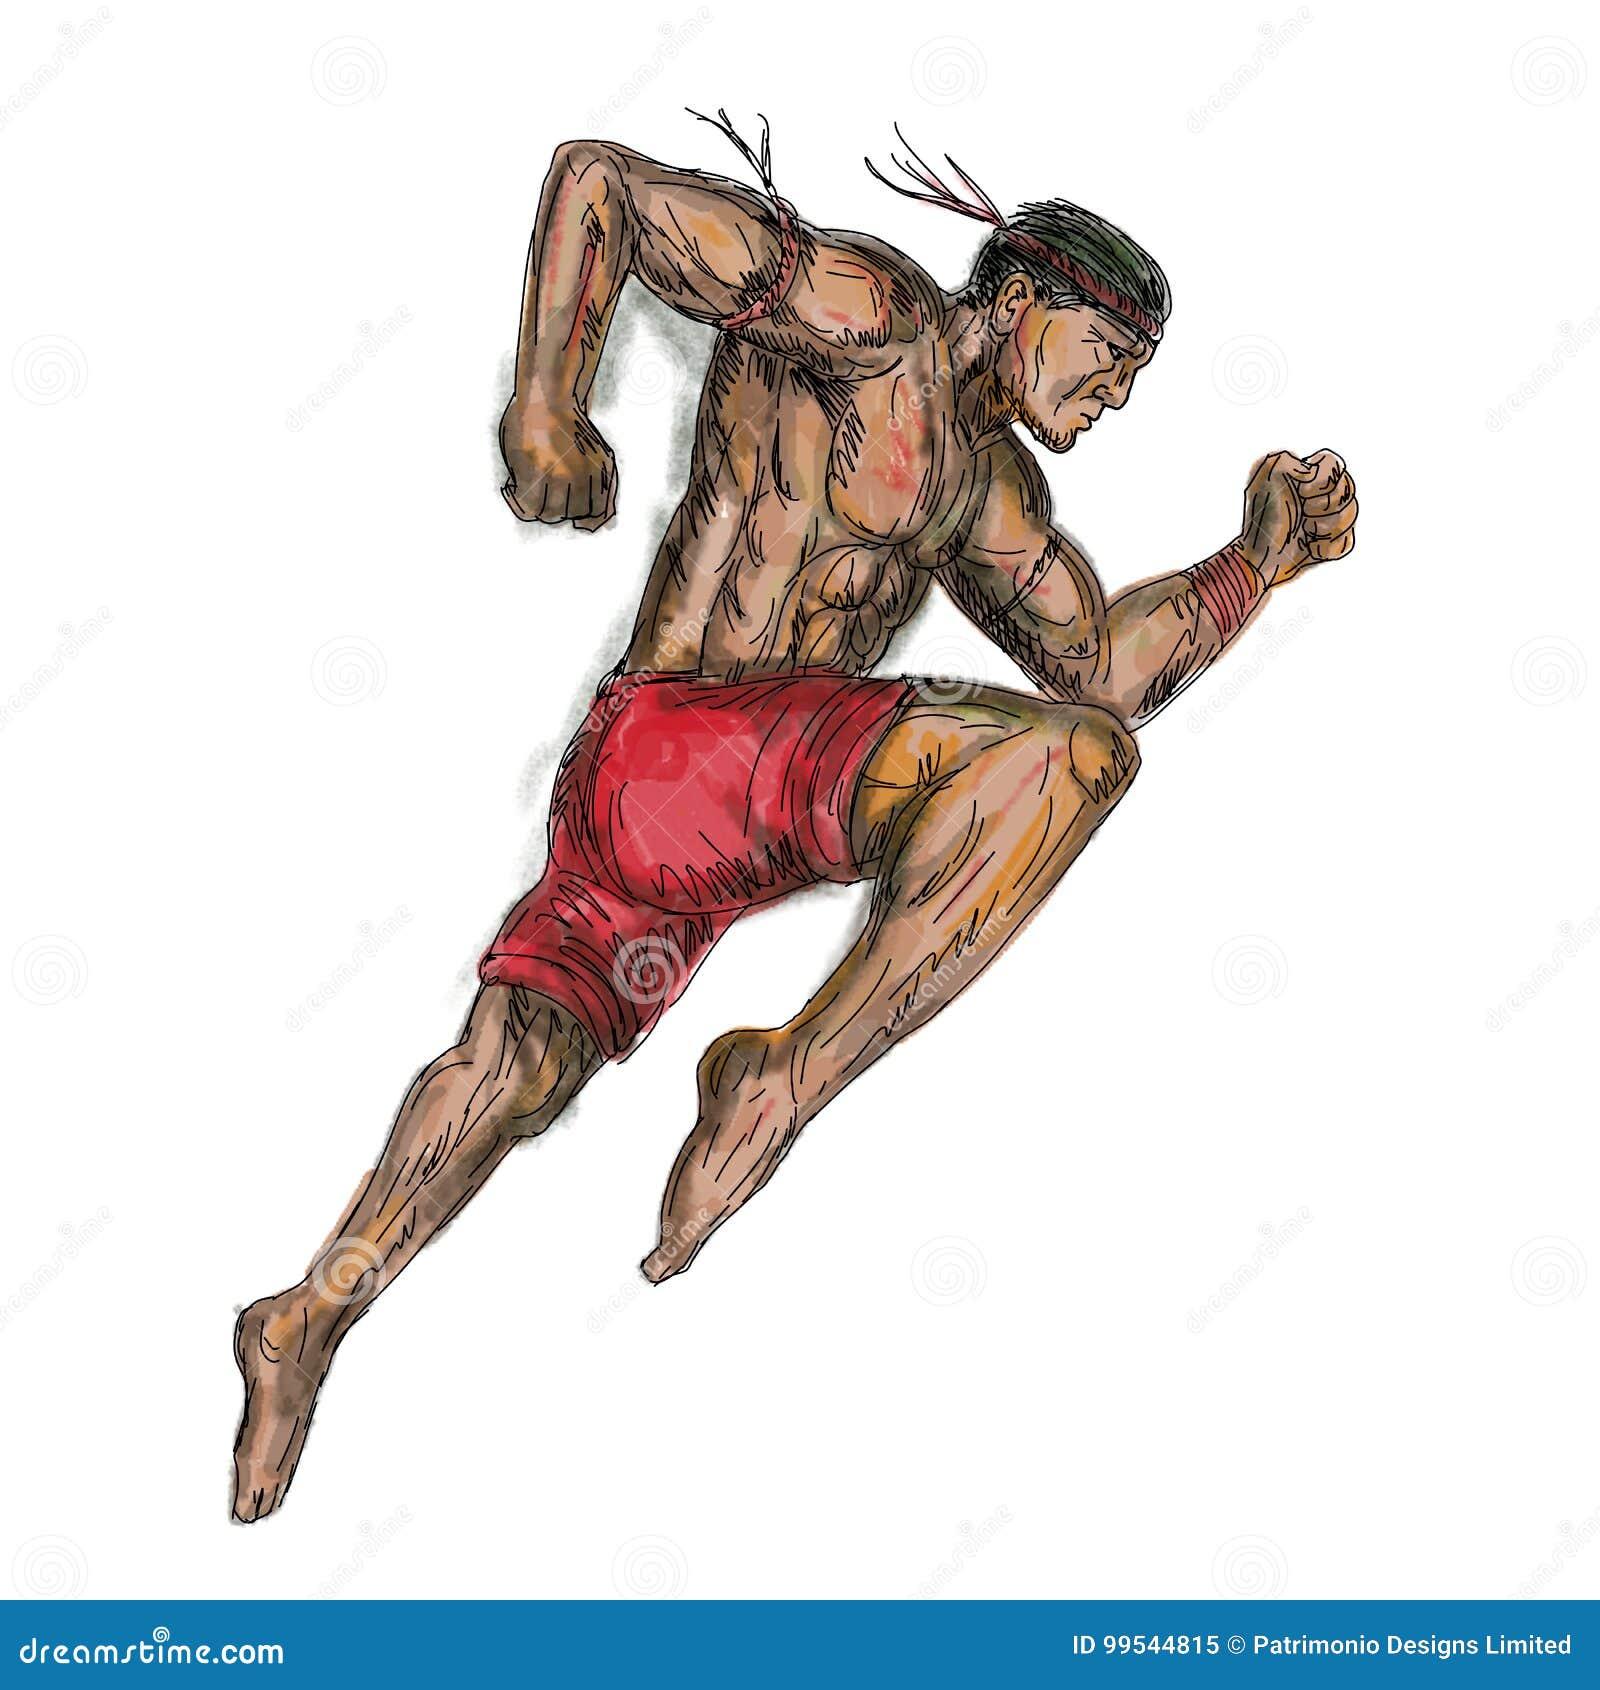 Tatoegering van de Muay de Thaise In dozen doende Vechter